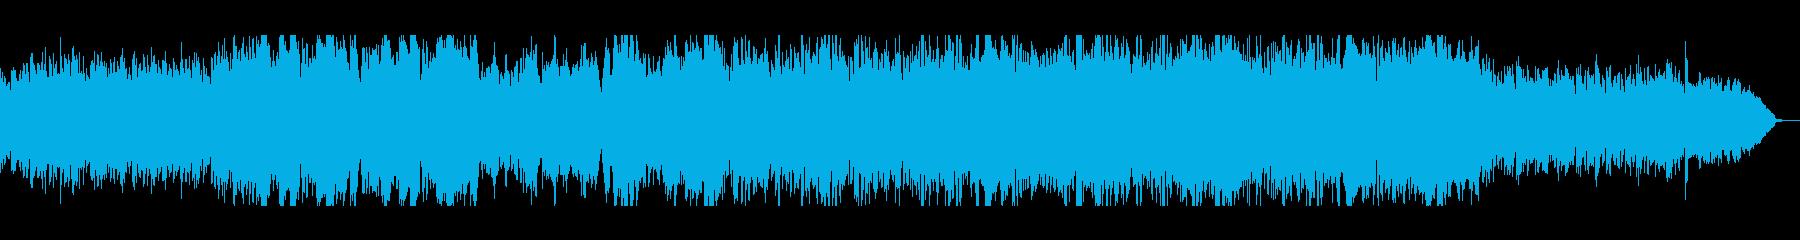 爽やかで美しいピアノシンセ管楽器サウンドの再生済みの波形